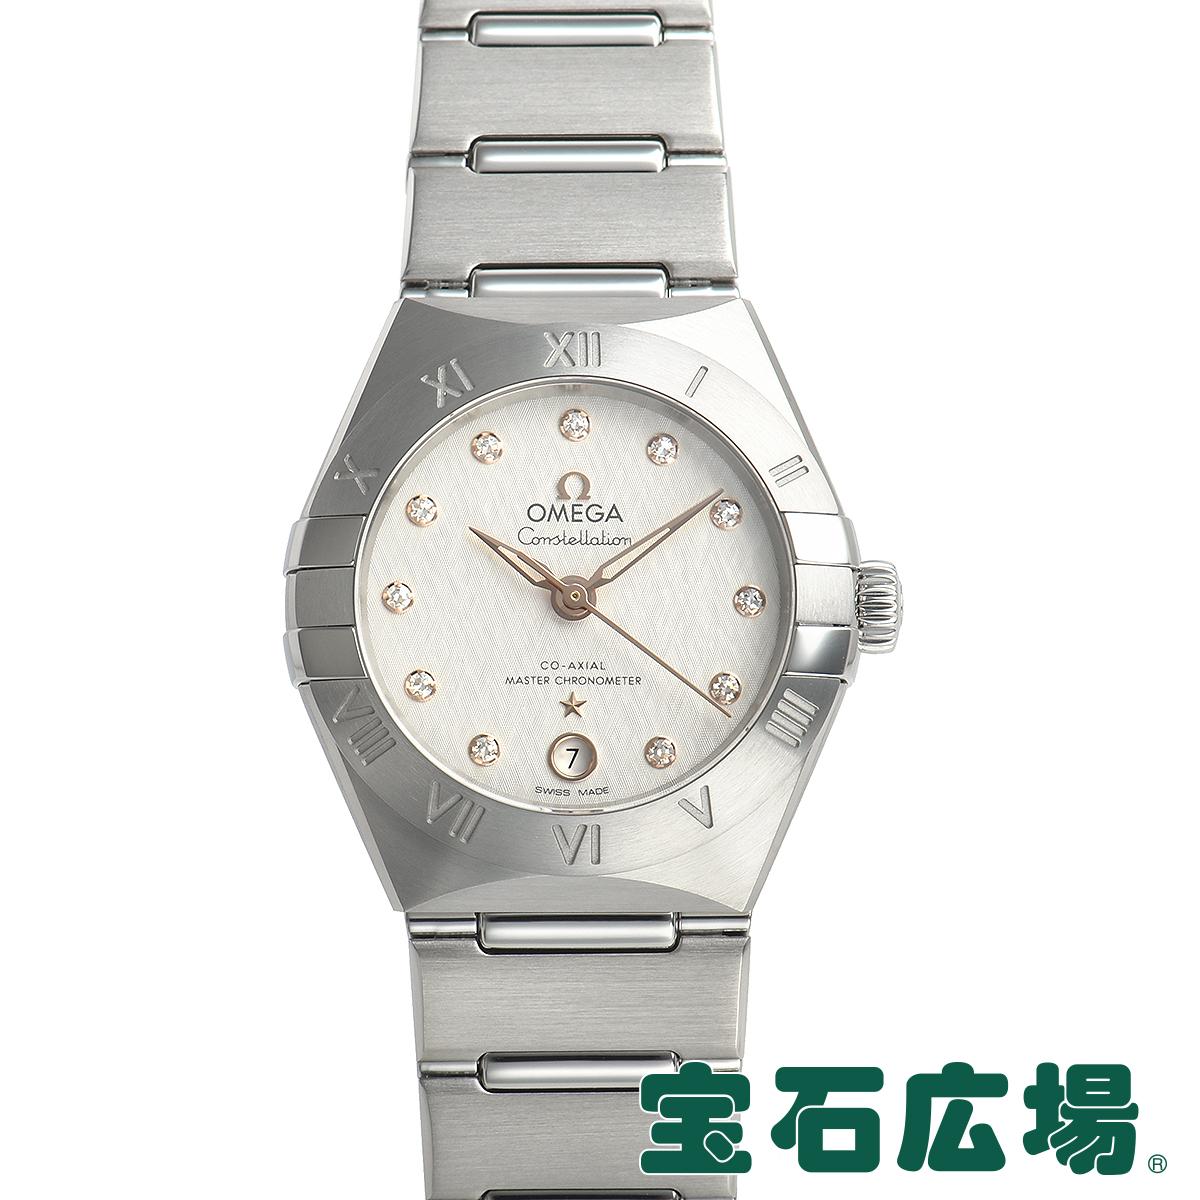 オメガ OMEGA コンステレーション マンハッタン マスタークロノメーター 131.10.29.20.52.001【新品】レディース 腕時計 送料無料